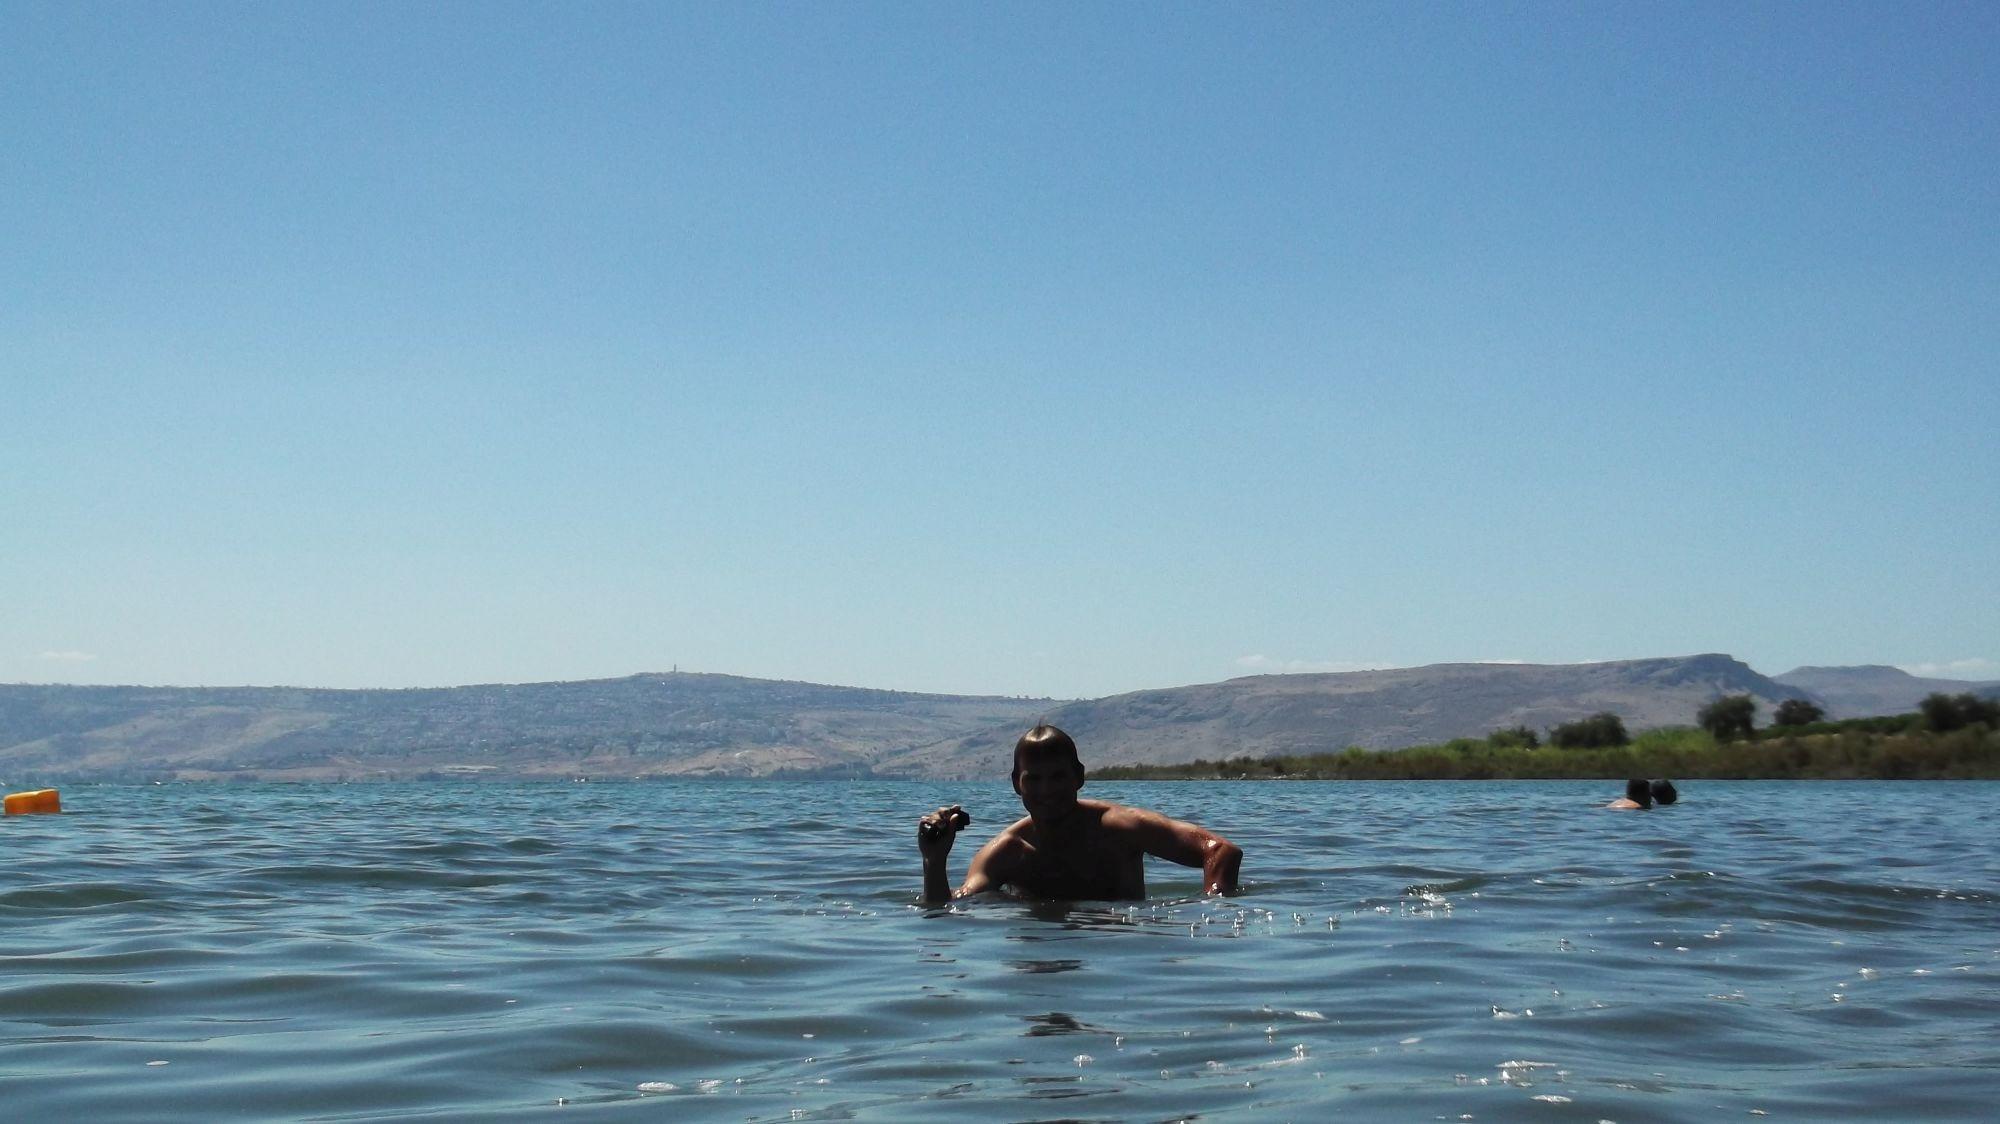 Izrael - Jezioro Galilejskie - zdjęcia, atrakcje